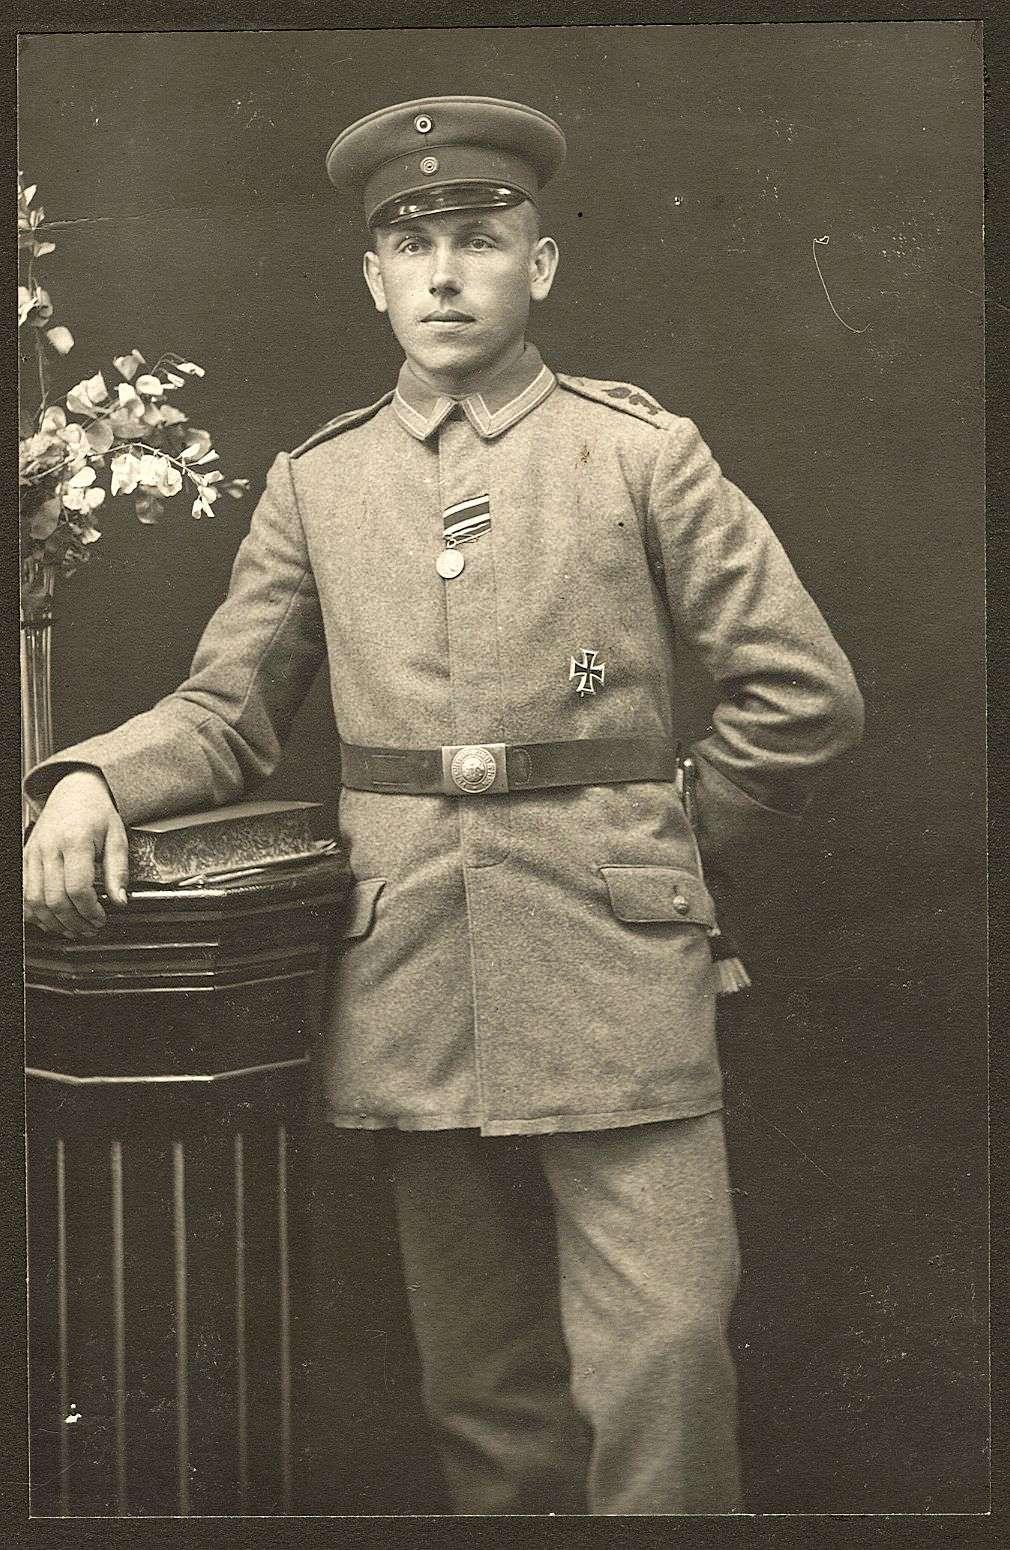 Grässle, Ernst, Bild 1